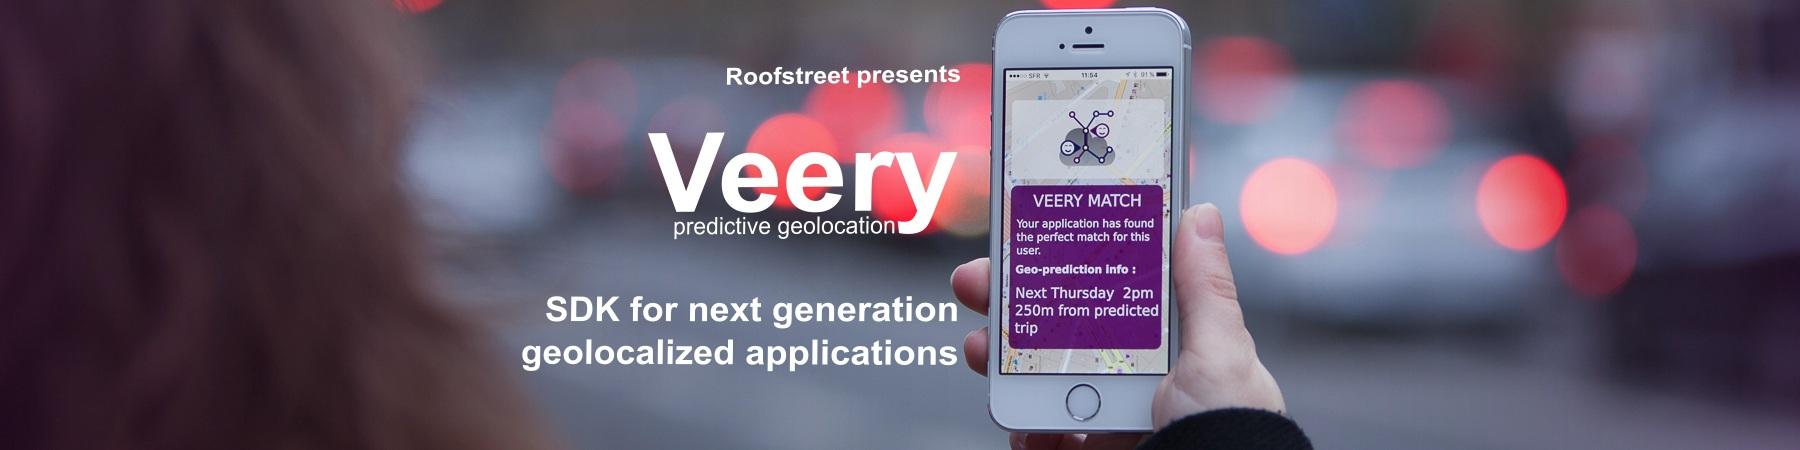 veery Software Development Kit géolocalisation prédictive